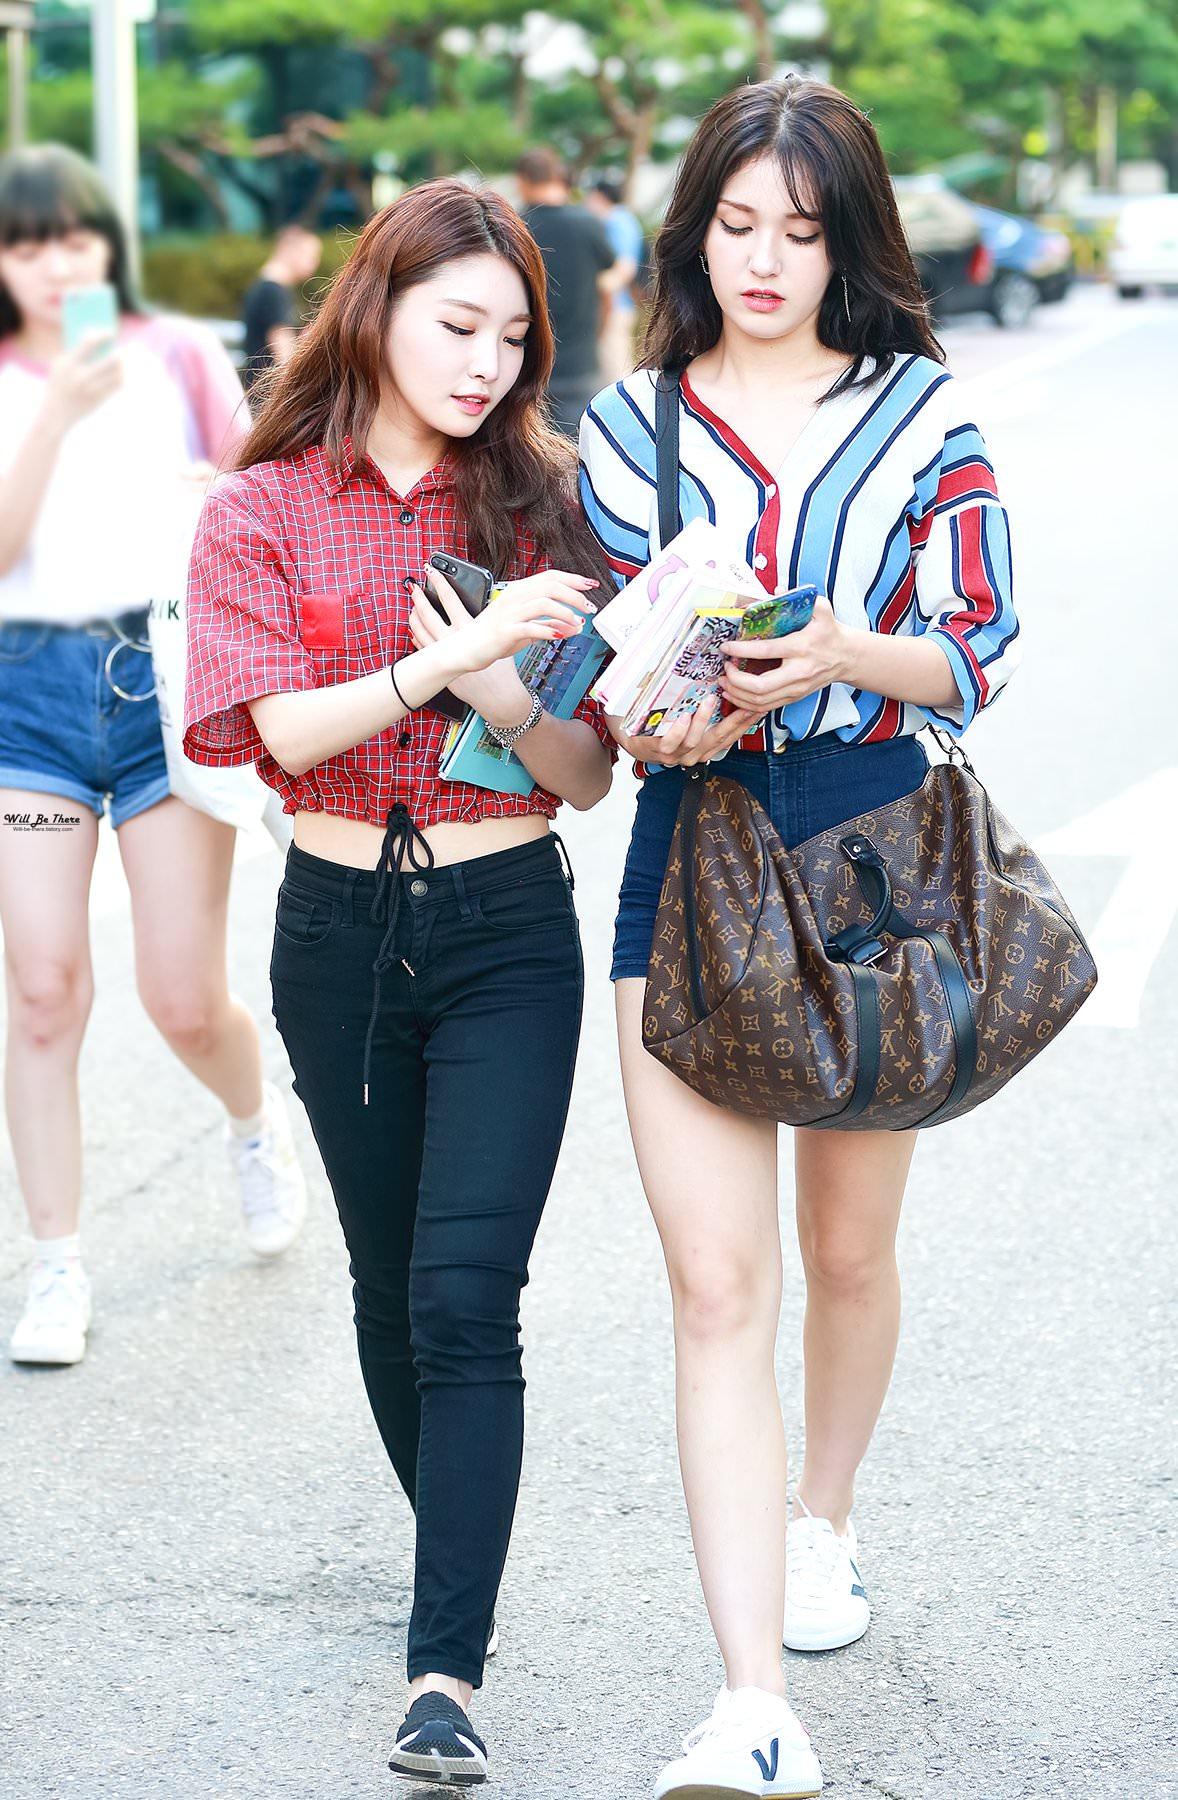 phong cách thời trang Kim Chung Ha 15